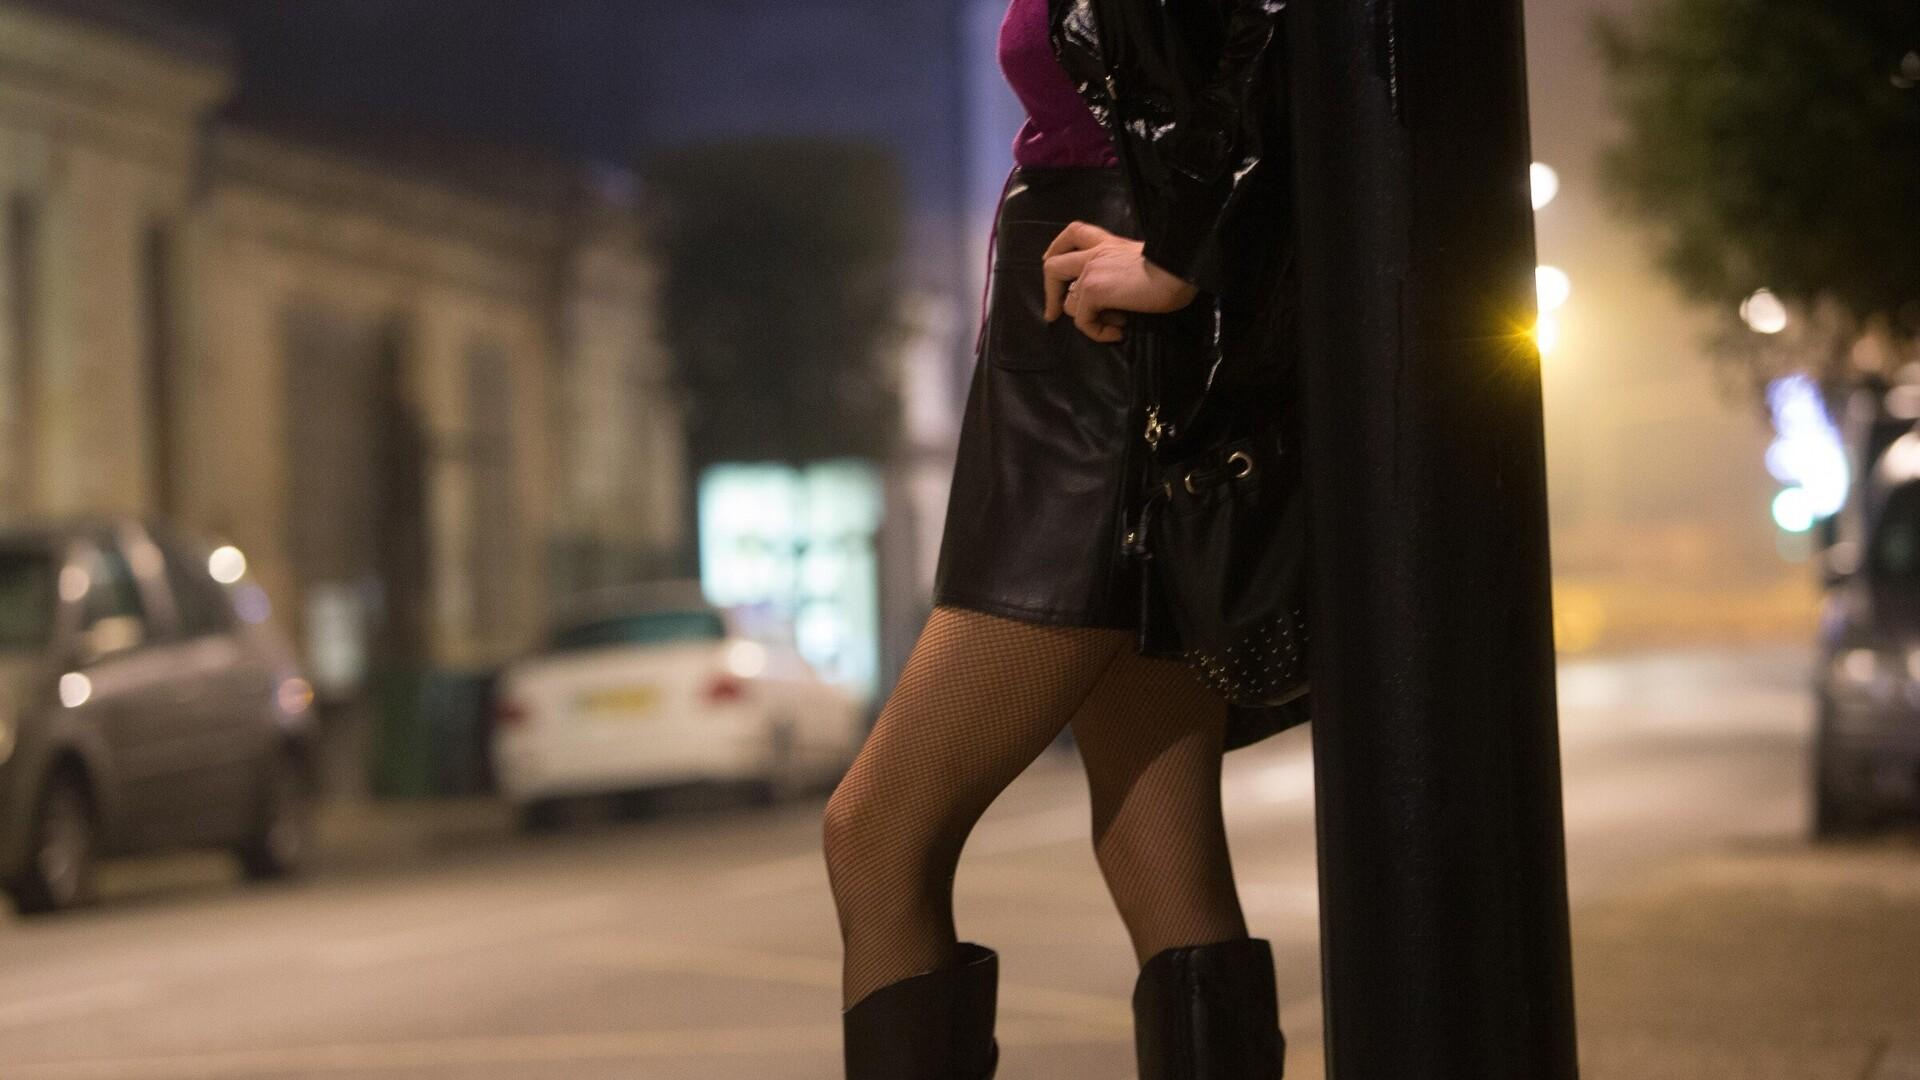 Шлюхи про вызову, Проститутки по вызову в Екатеринбурге и шлюхи на 25 фотография